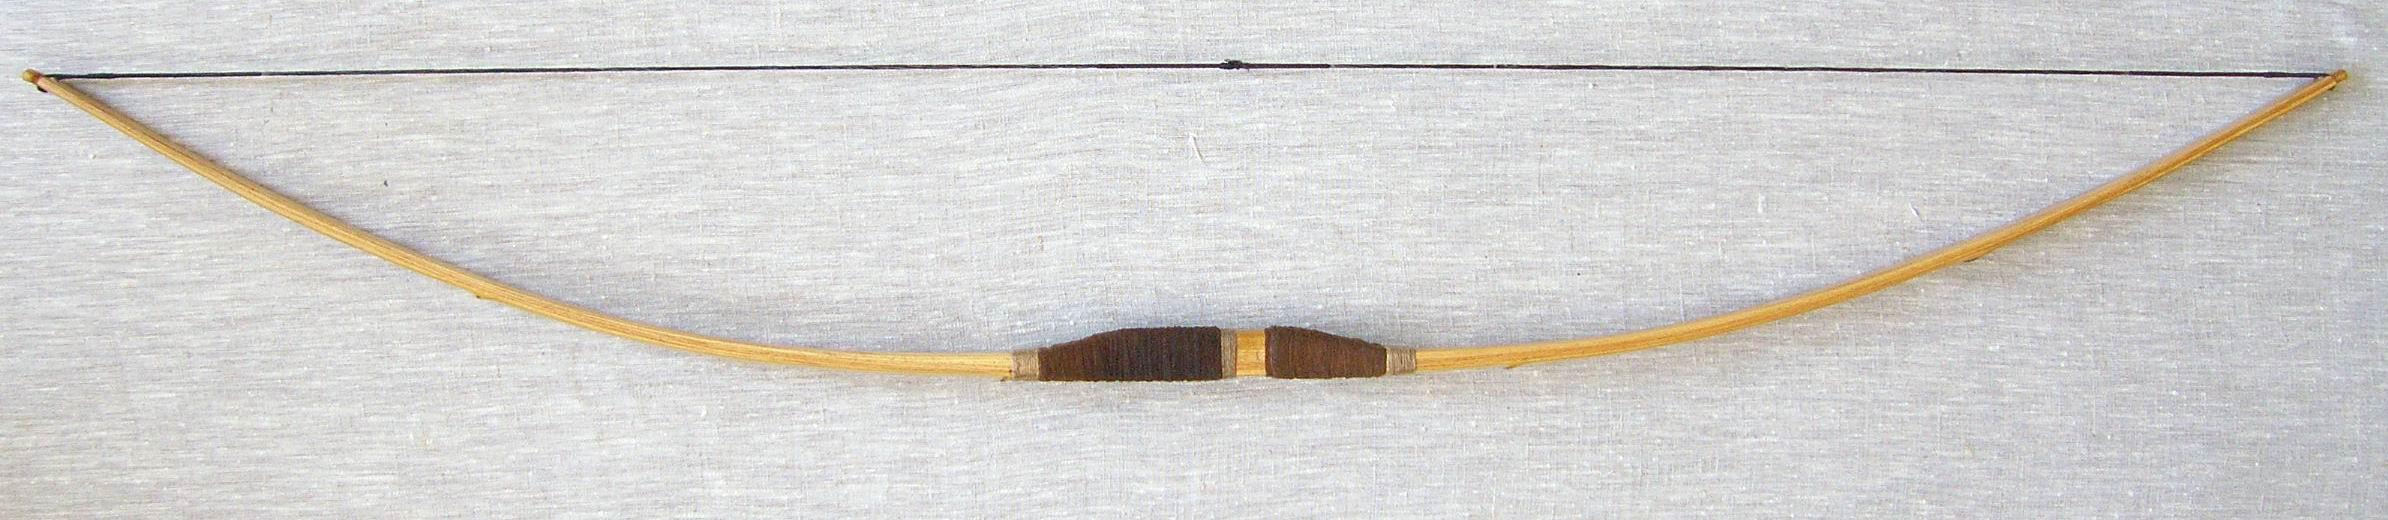 Совет 1: Как сделать лук и стрелы в домашних условиях 43